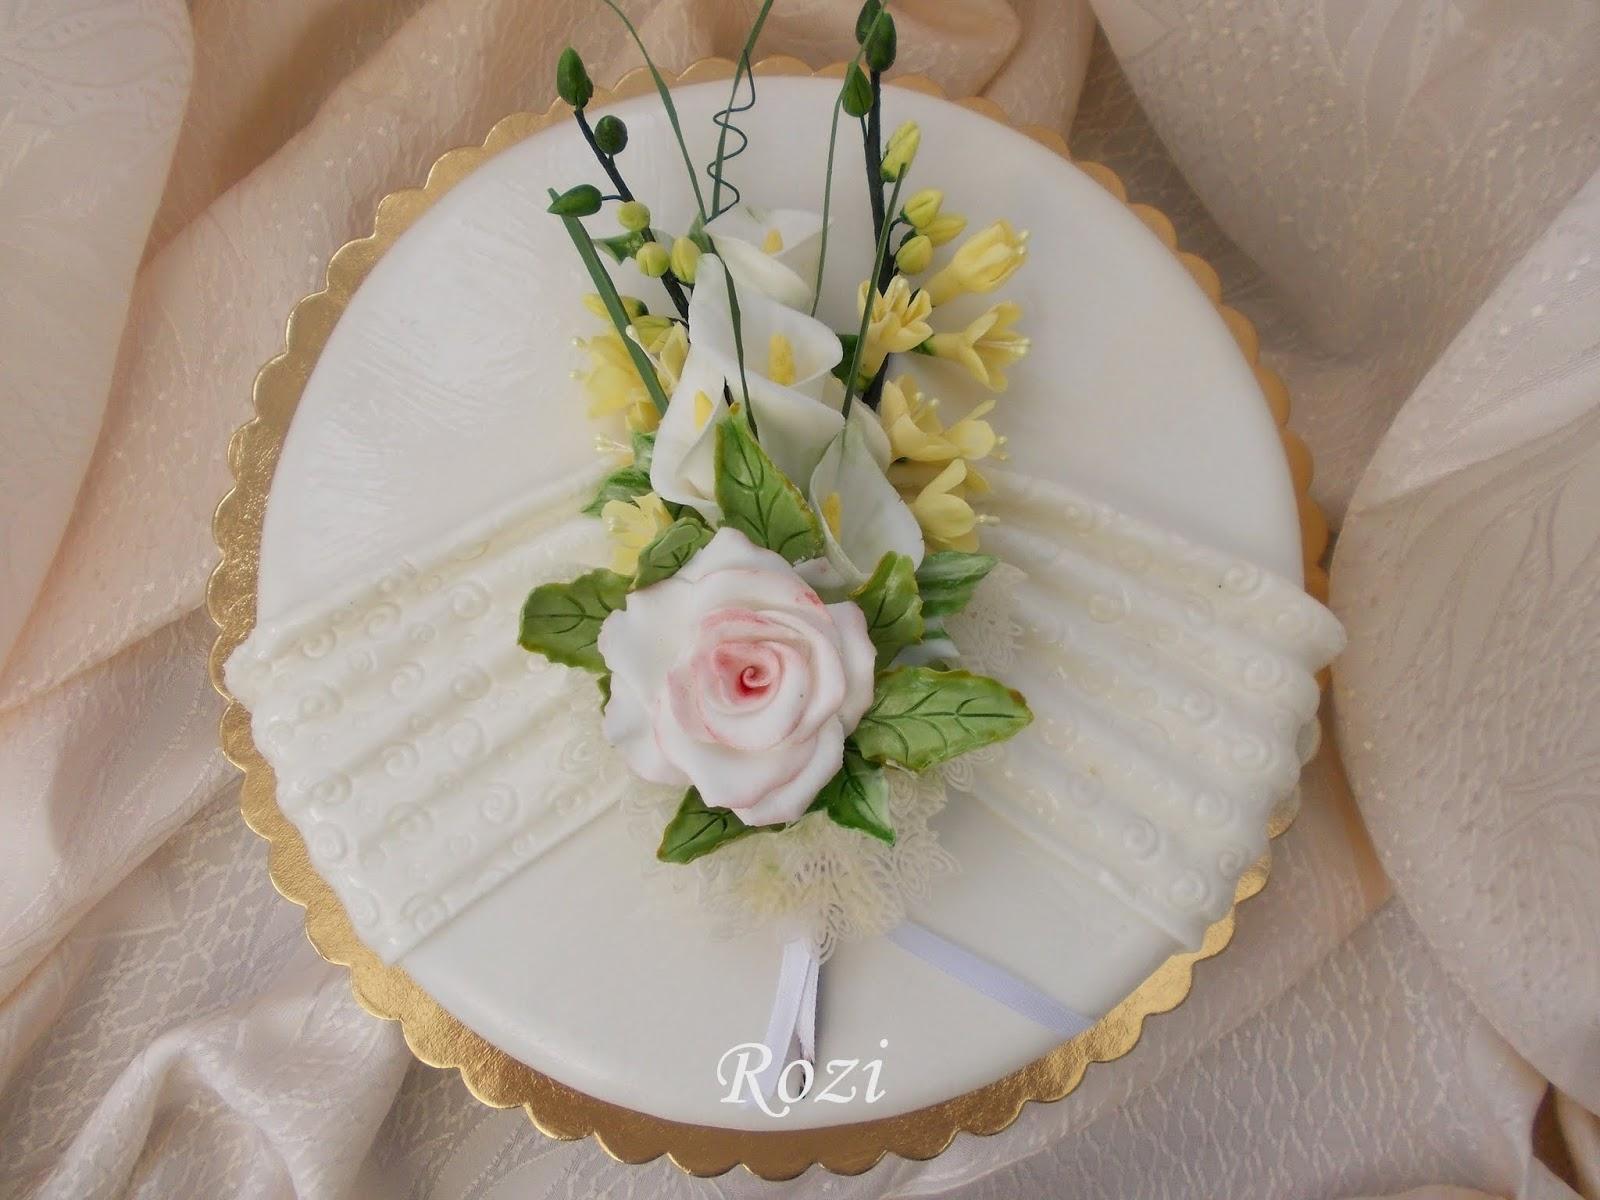 alkalmi torta képek Rozi Erdélyi konyhája: Alkalmi torta alkalmi torta képek